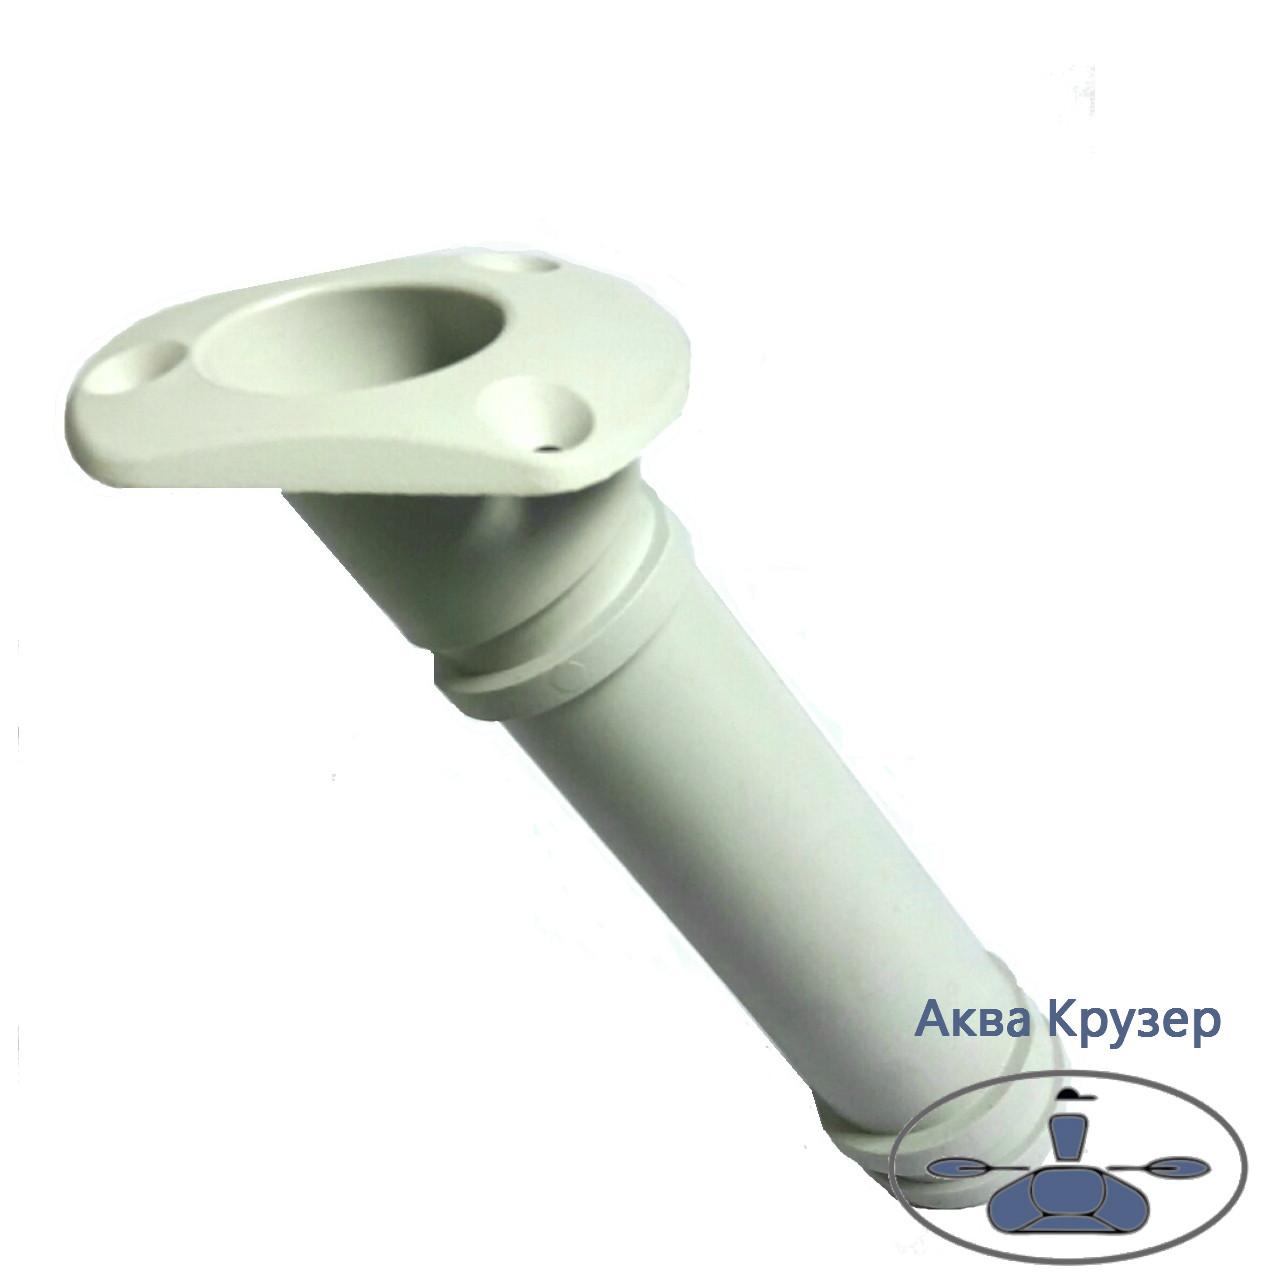 Підставка під вудилище (вудку, спінінг) для човна - стакан врізний, колір сірий